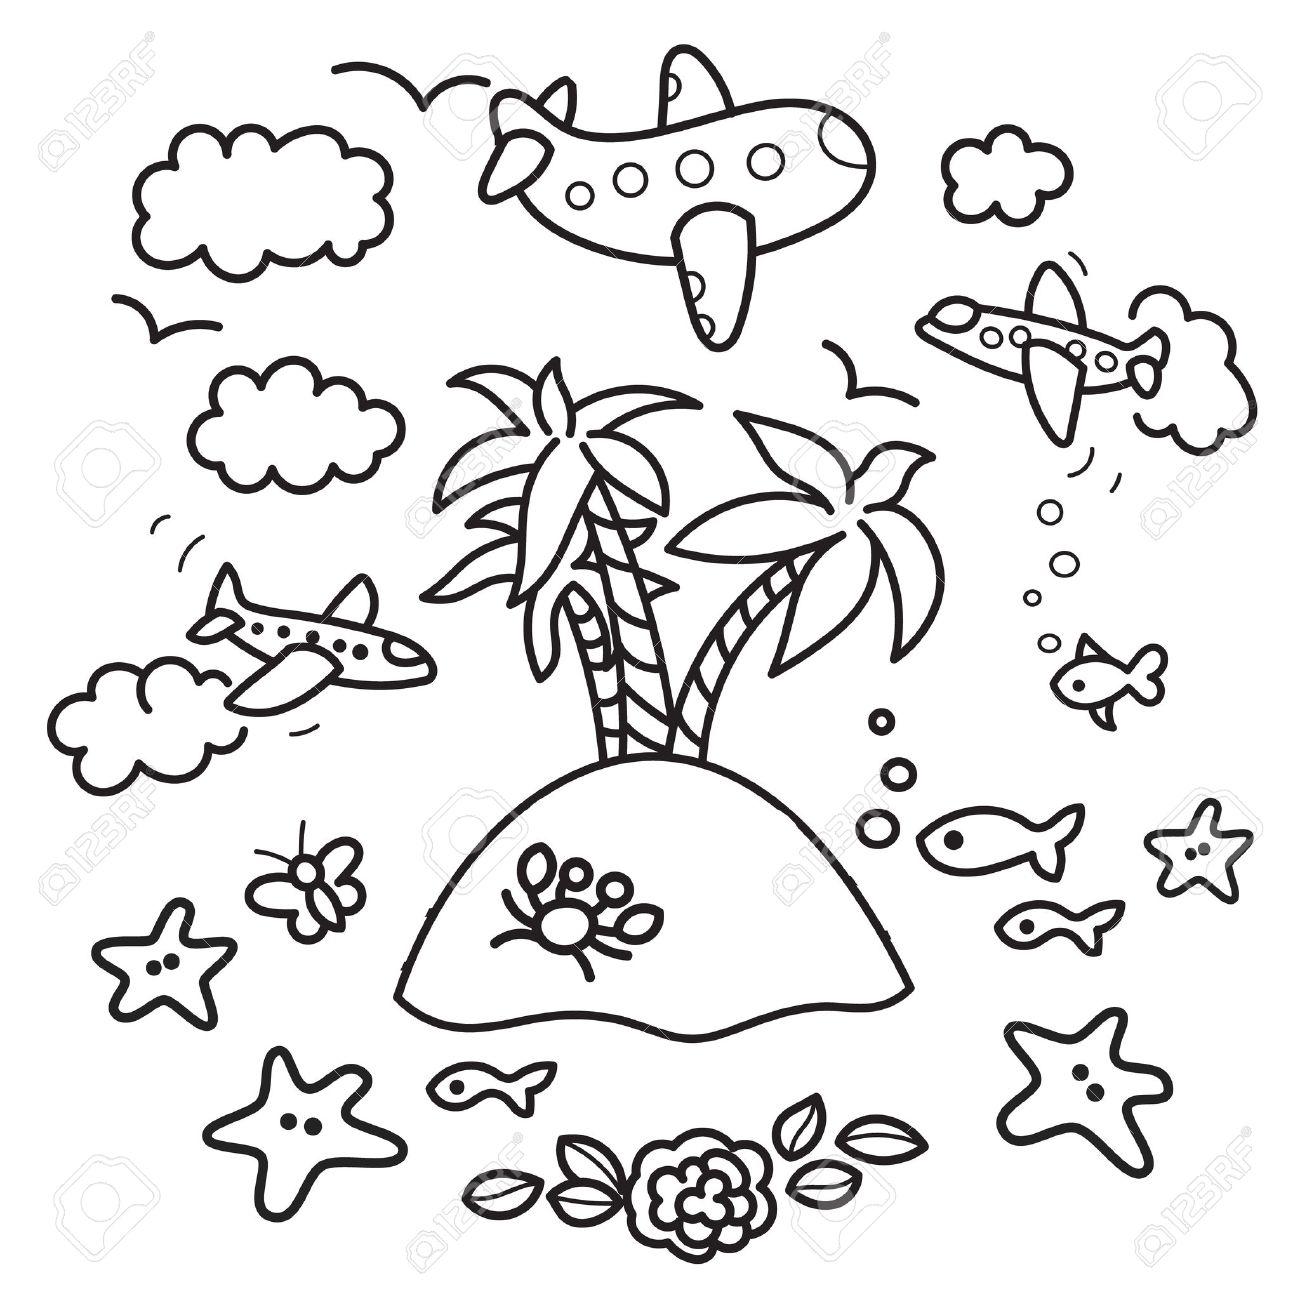 Dibujo A Mano Alzada - Paraíso De La Isla En El Tanque De Peces, Los ...